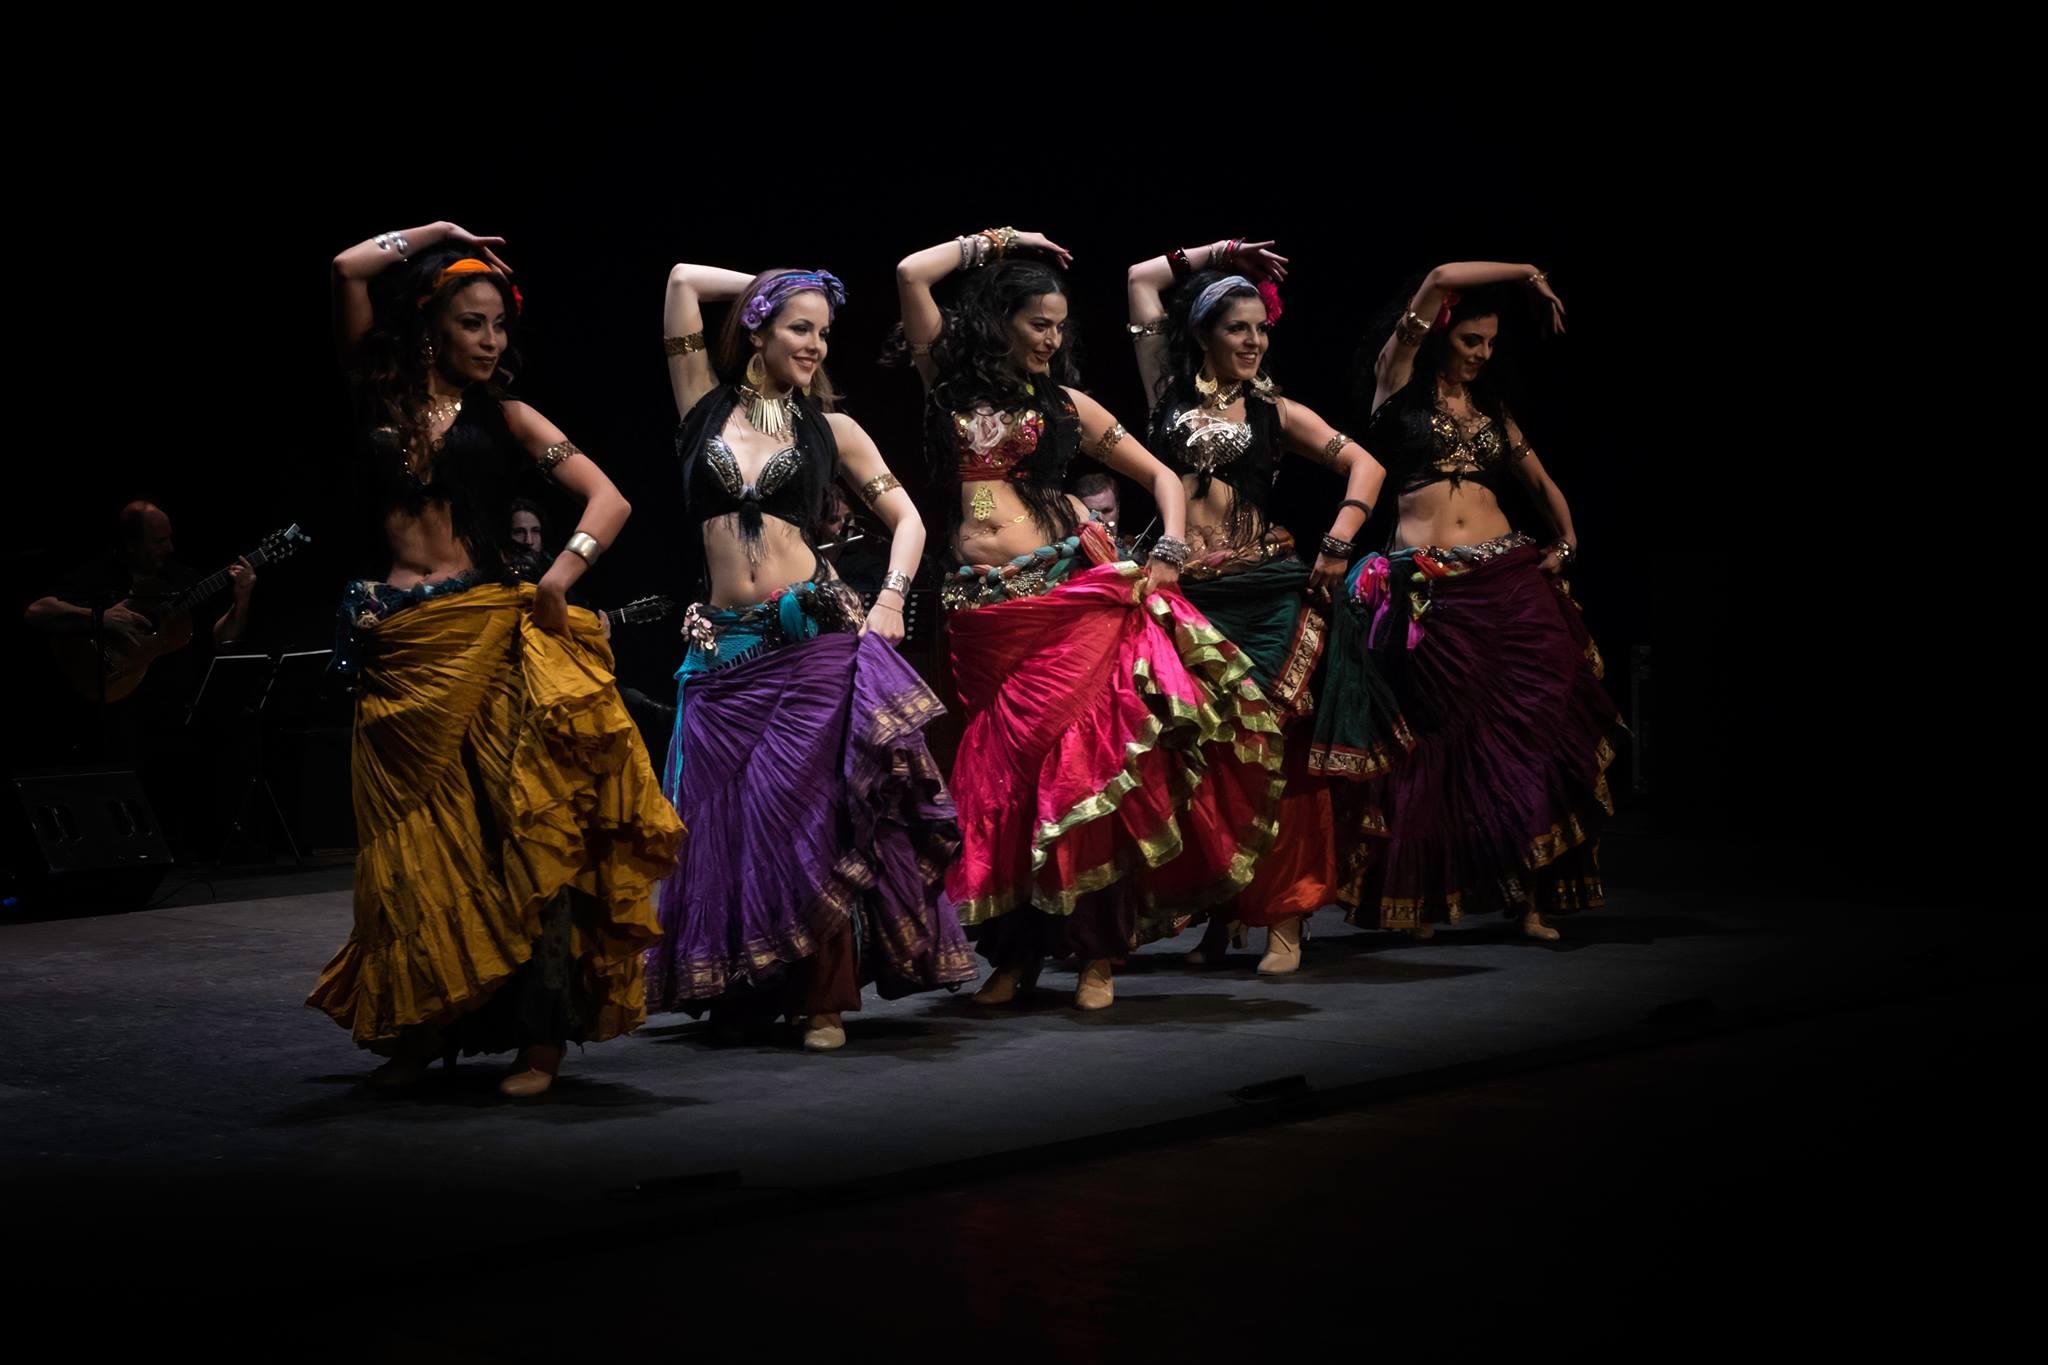 ALGARABIA canti, musiche e danze